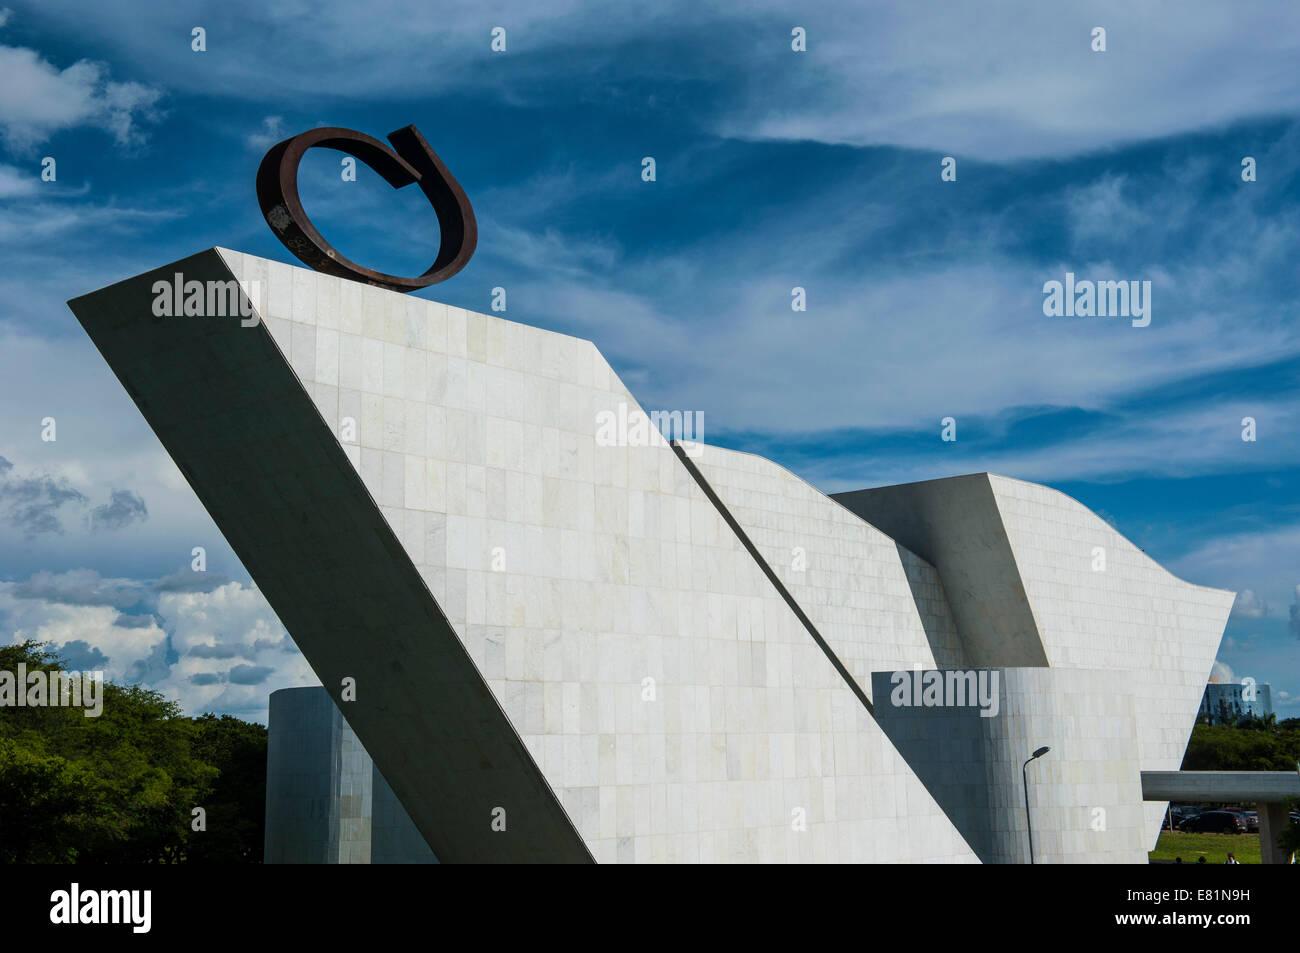 Kunst am Bau von Oscar Niemeier an der Plaza der drei Gewalten, Brasília, Brasilien Stockbild